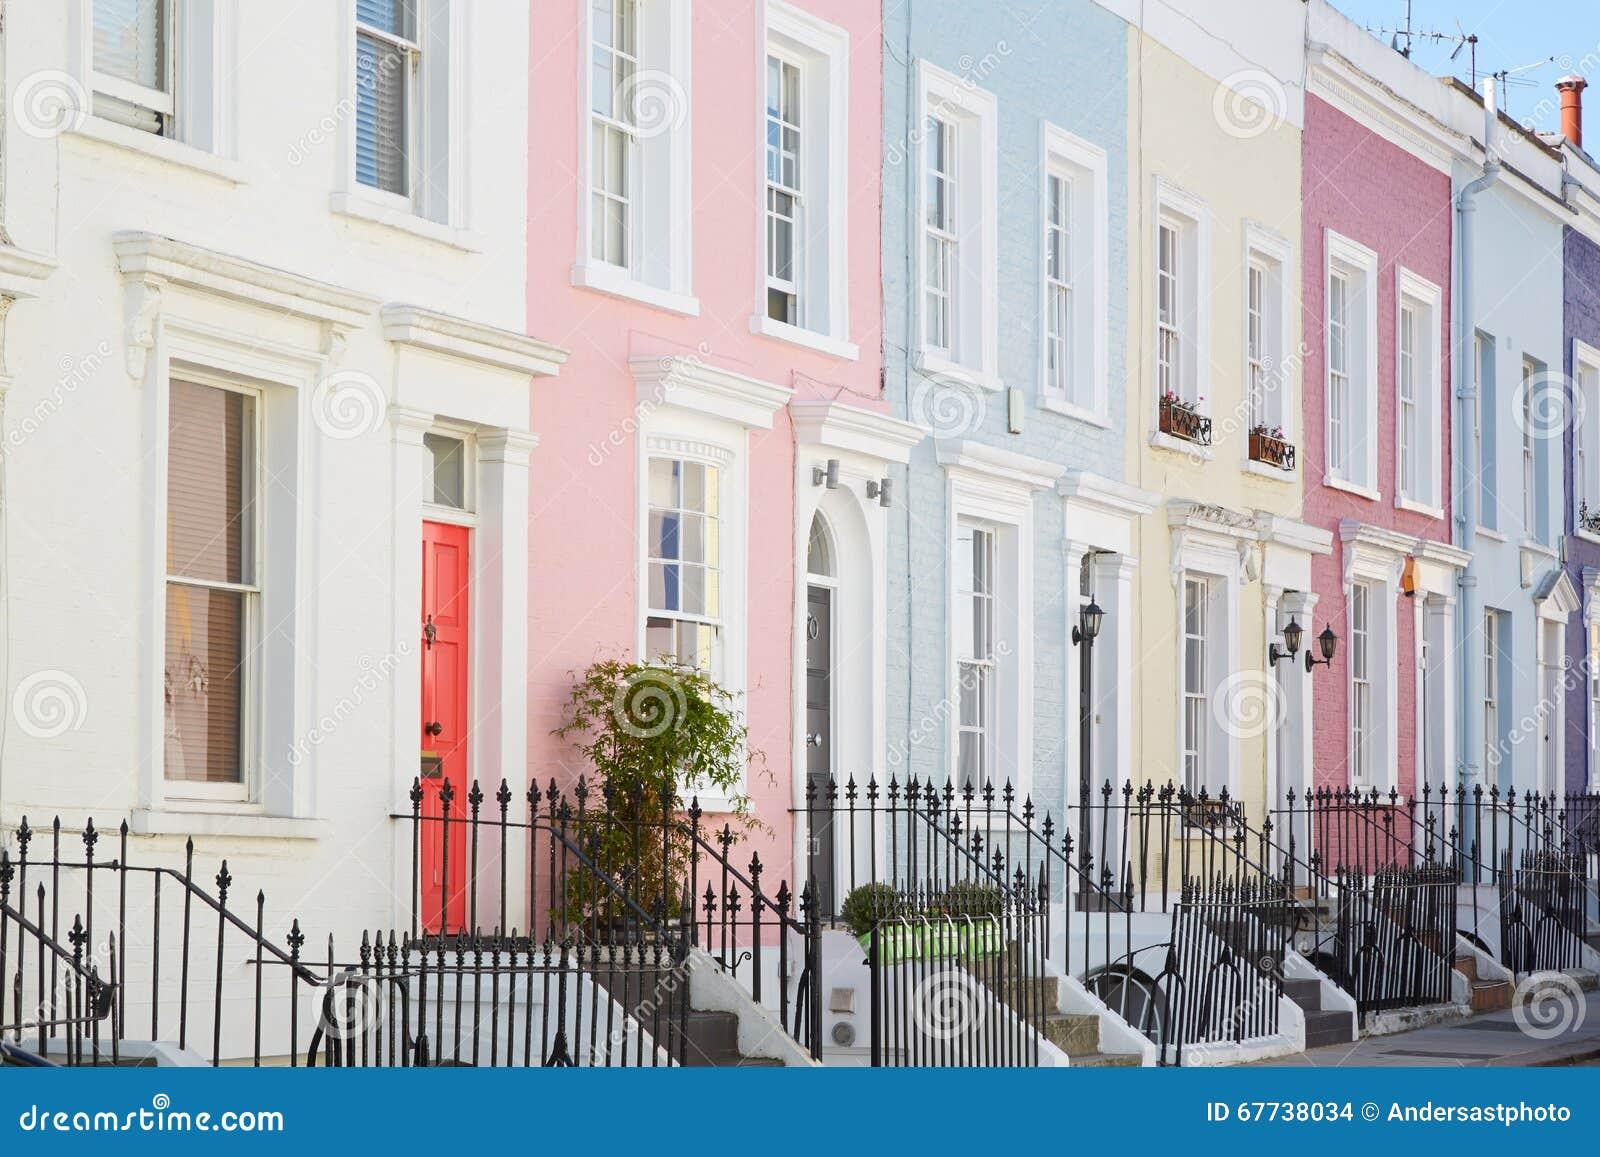 Buntes Englisch bringt Fassaden, blasse Pastellfarben unter